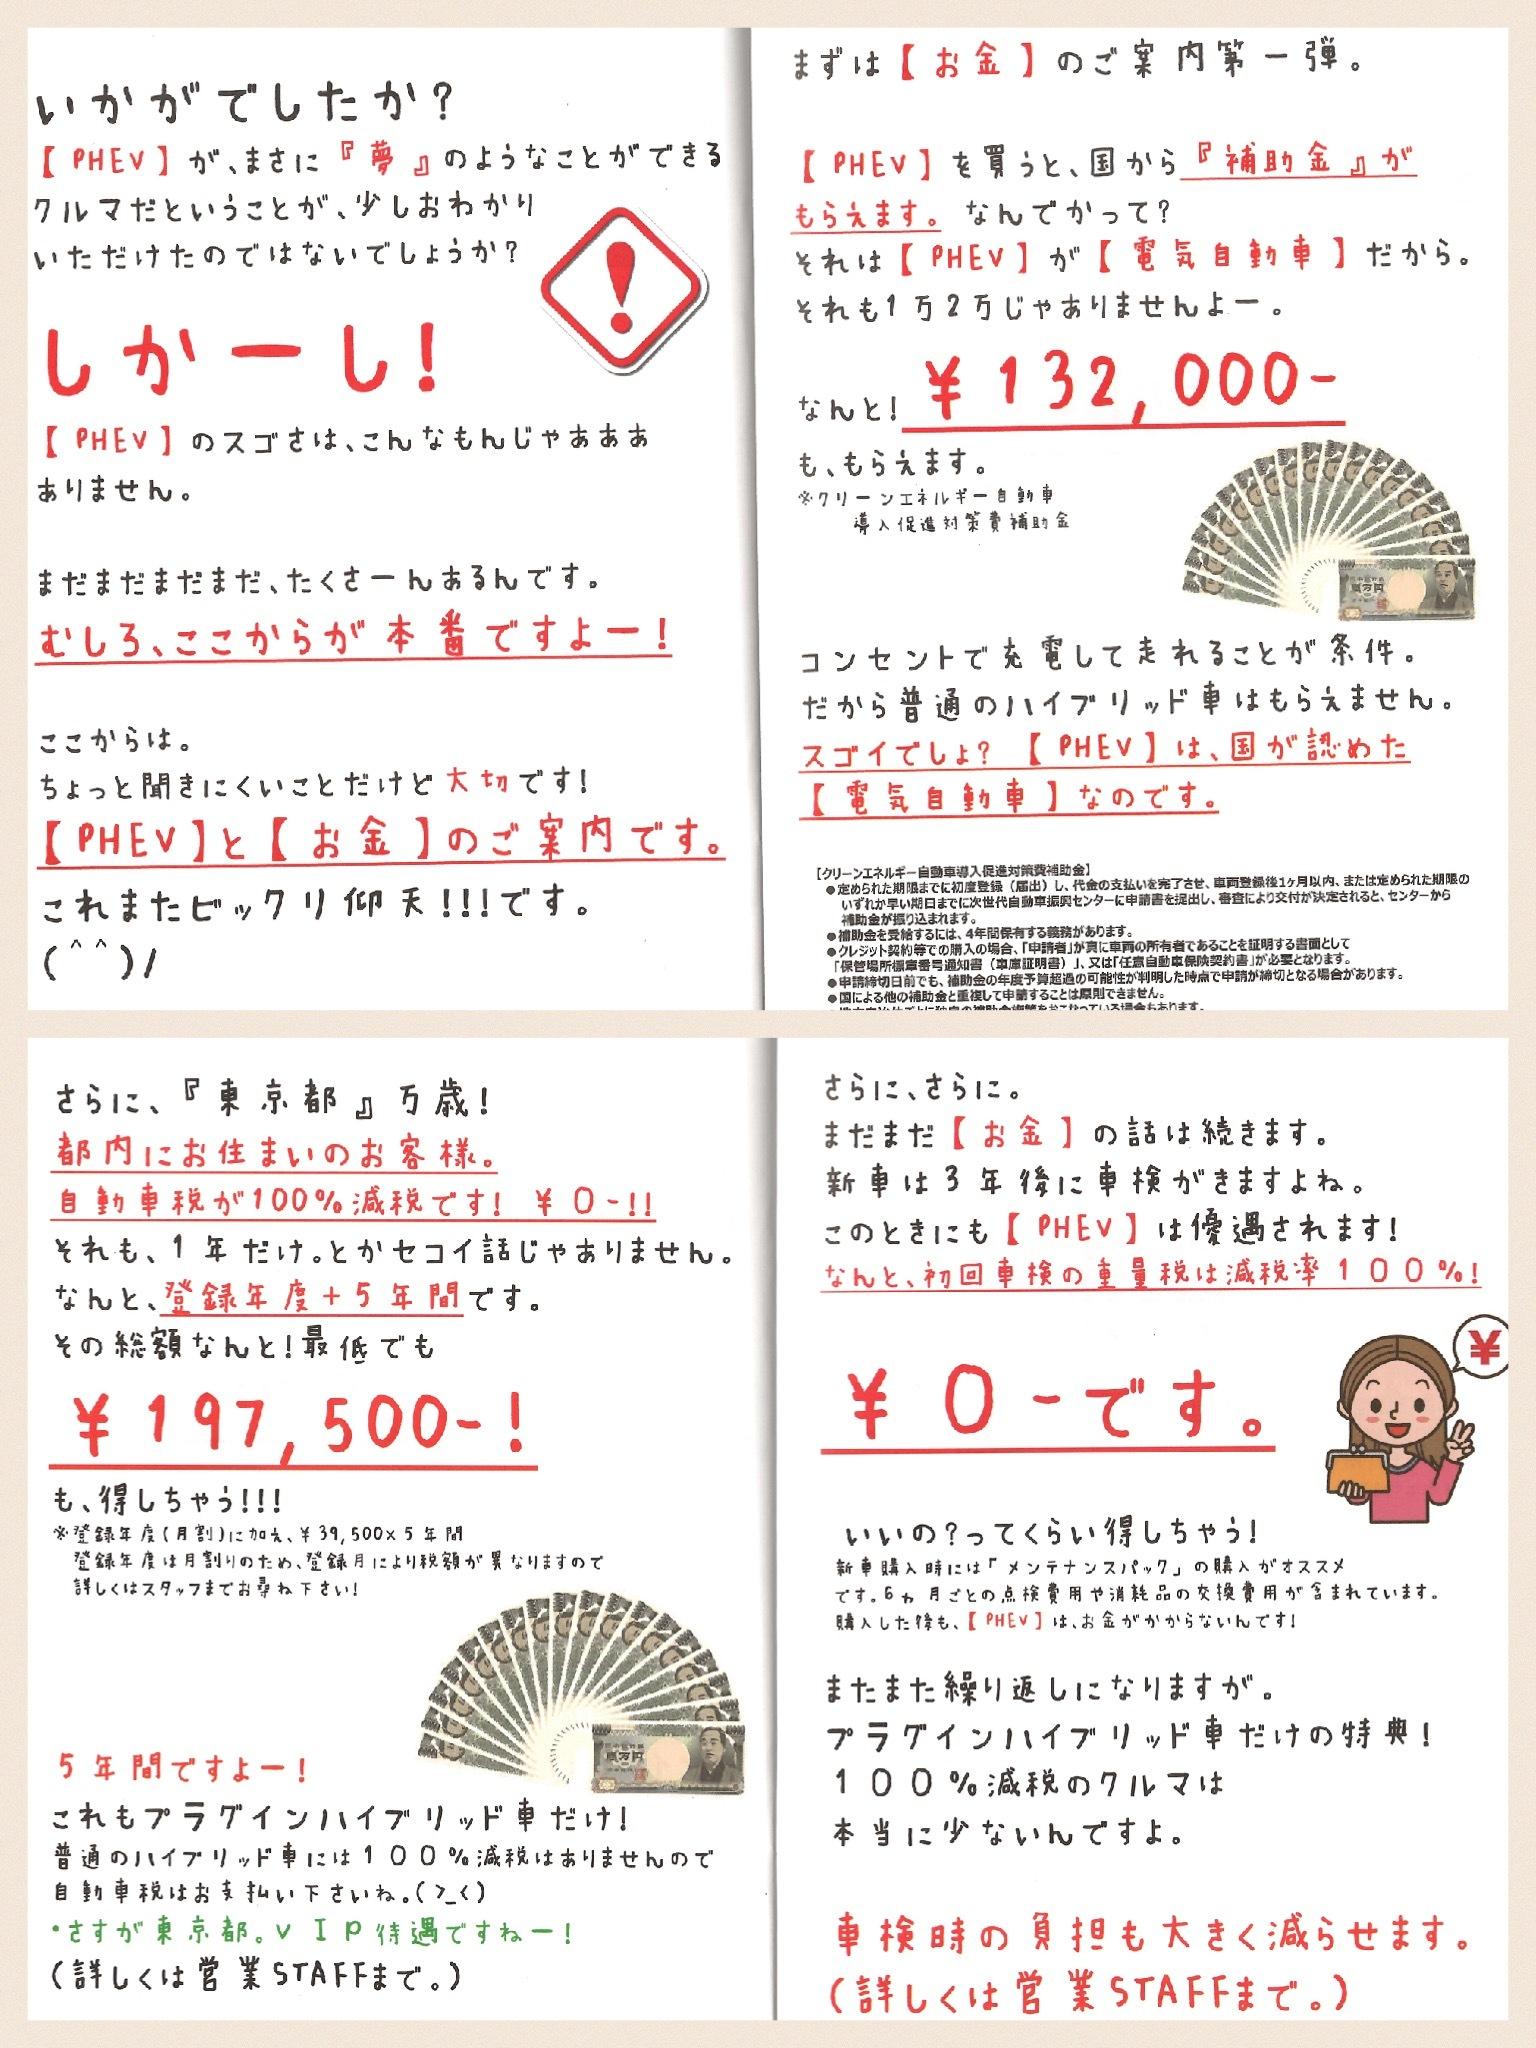 三菱ディーラー 夢のクルマの物語 アウトランダーPHEV